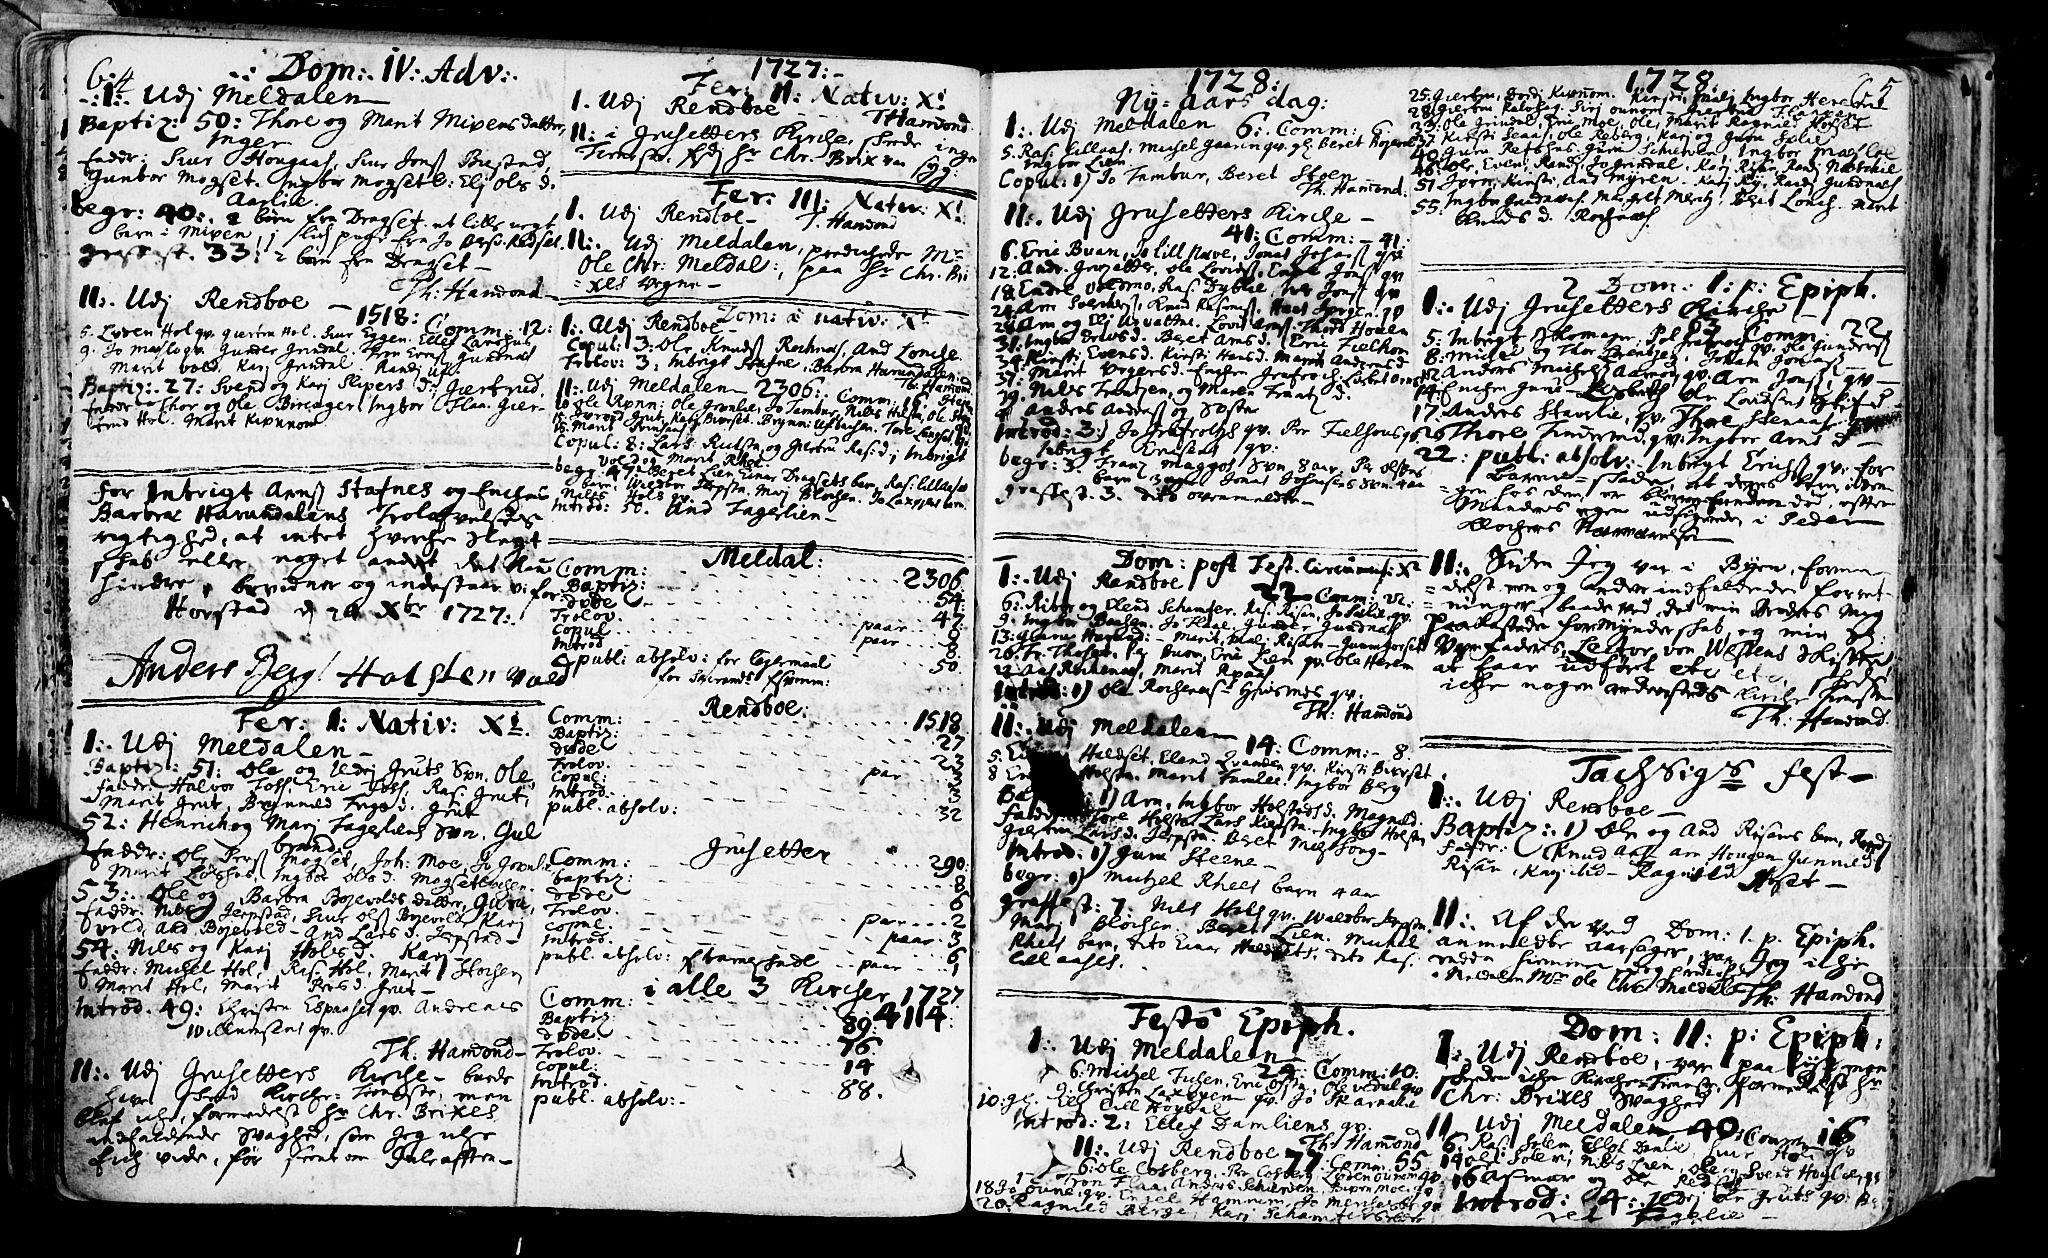 SAT, Ministerialprotokoller, klokkerbøker og fødselsregistre - Sør-Trøndelag, 672/L0850: Ministerialbok nr. 672A03, 1725-1751, s. 64-65